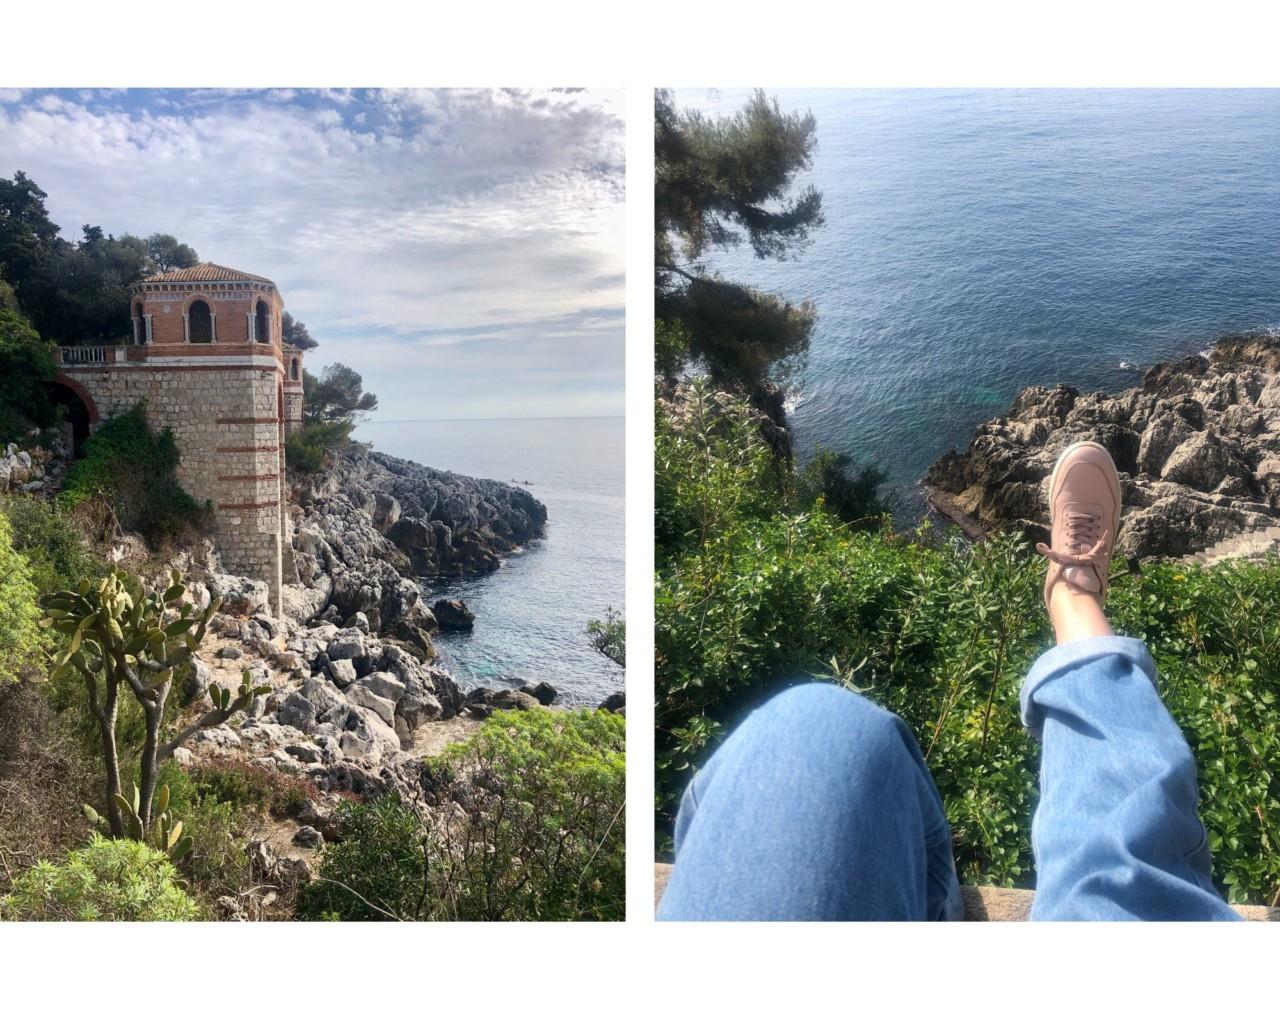 cap-martin-roquebrune-tur-promenade-havet